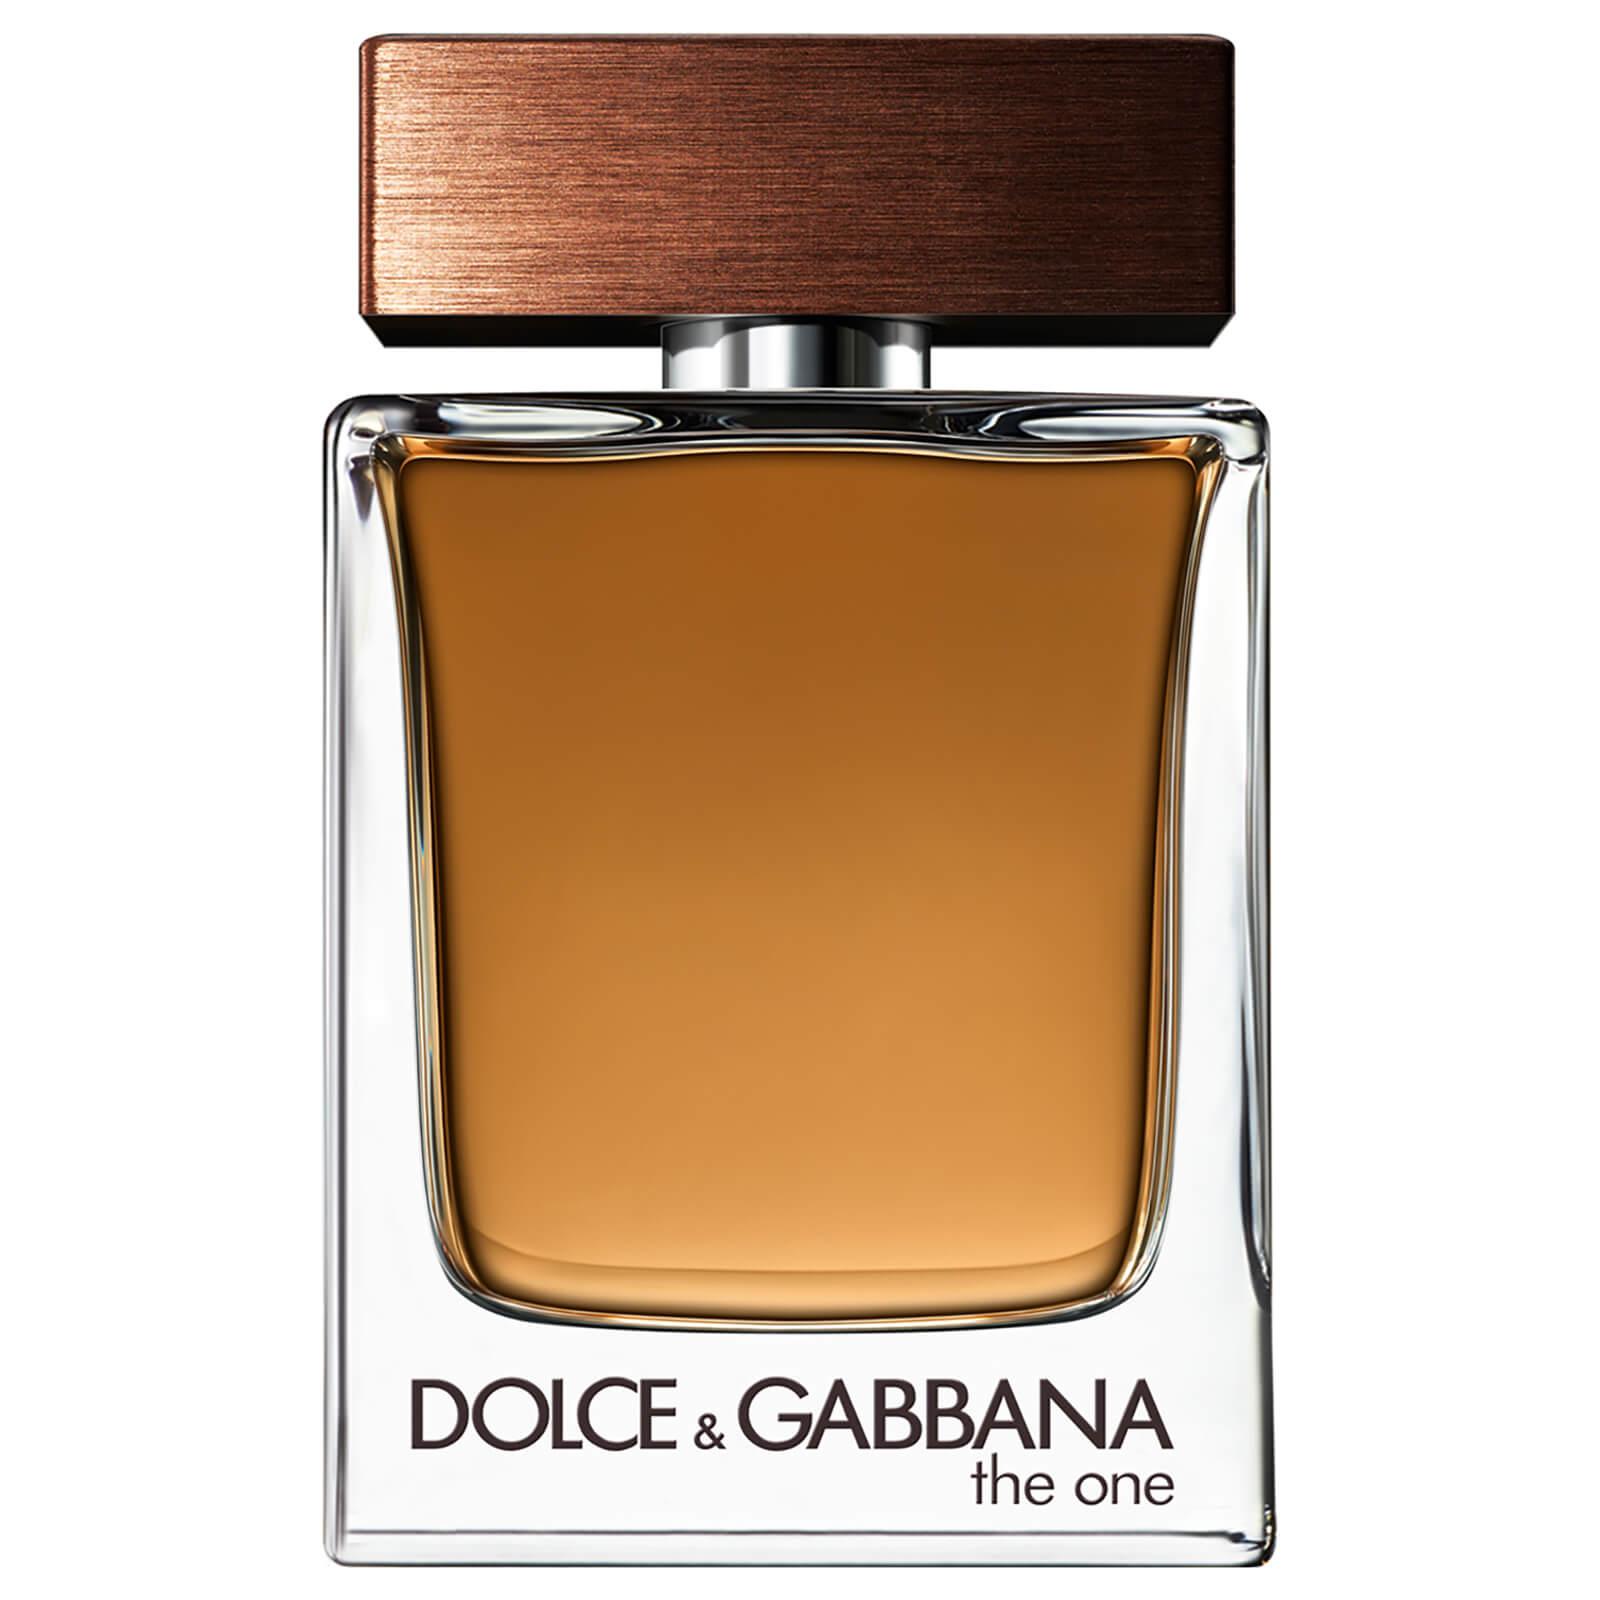 Dolce & Gabbana The One for Men Eau de